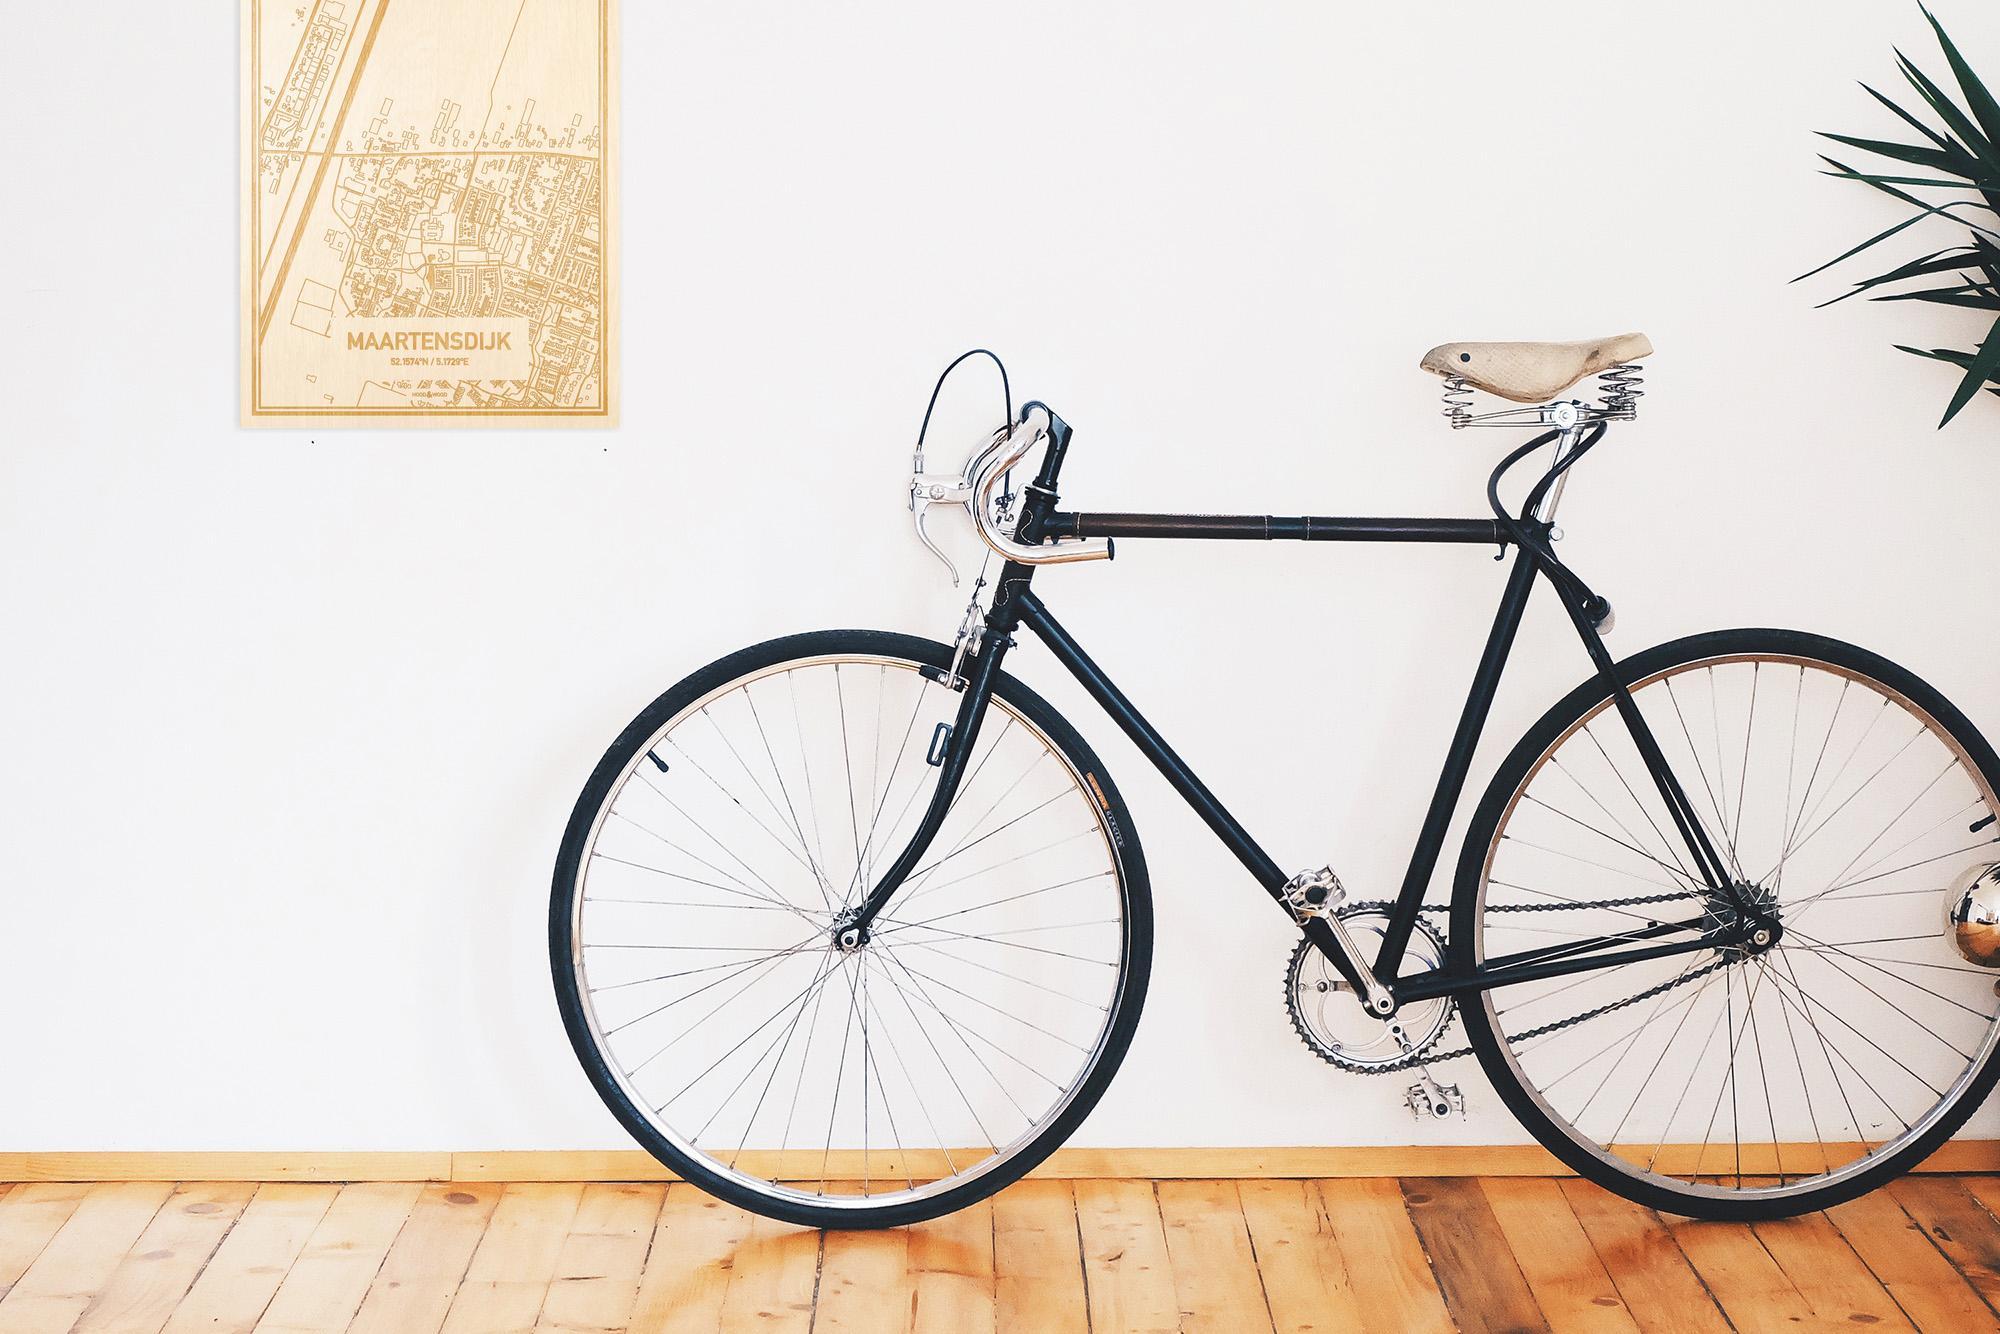 Een snelle fiets in een uniek interieur in Utrecht met mooie decoratie zoals de plattegrond Maartensdijk.